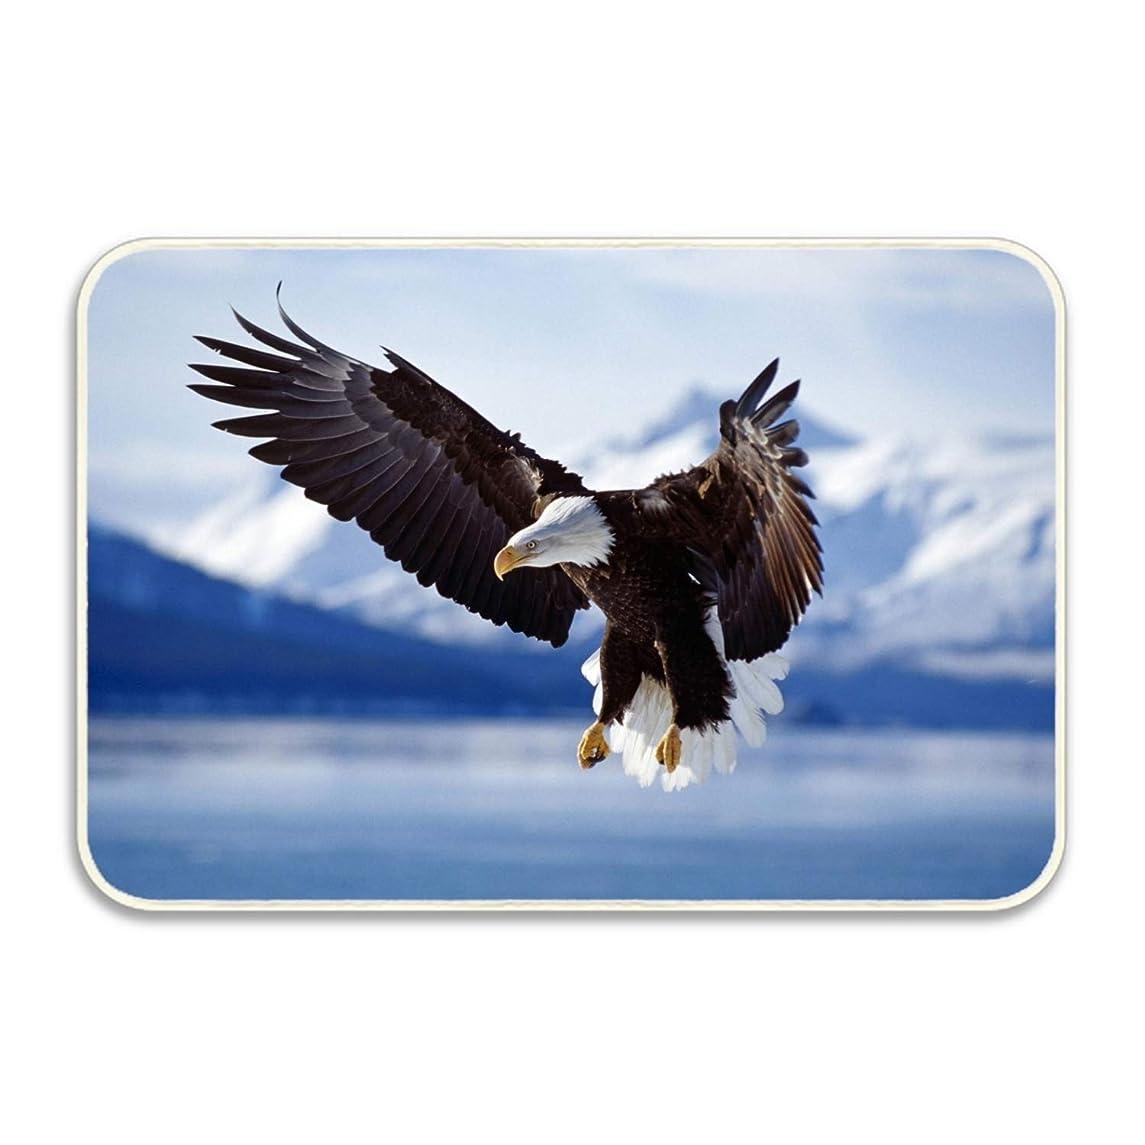 カレンダースクラブミル3Dプリント染め バスルームカーペット ドアマット ト シャワーマット 吸収性キッチンドアカーペット アラスカの白頭Eagle